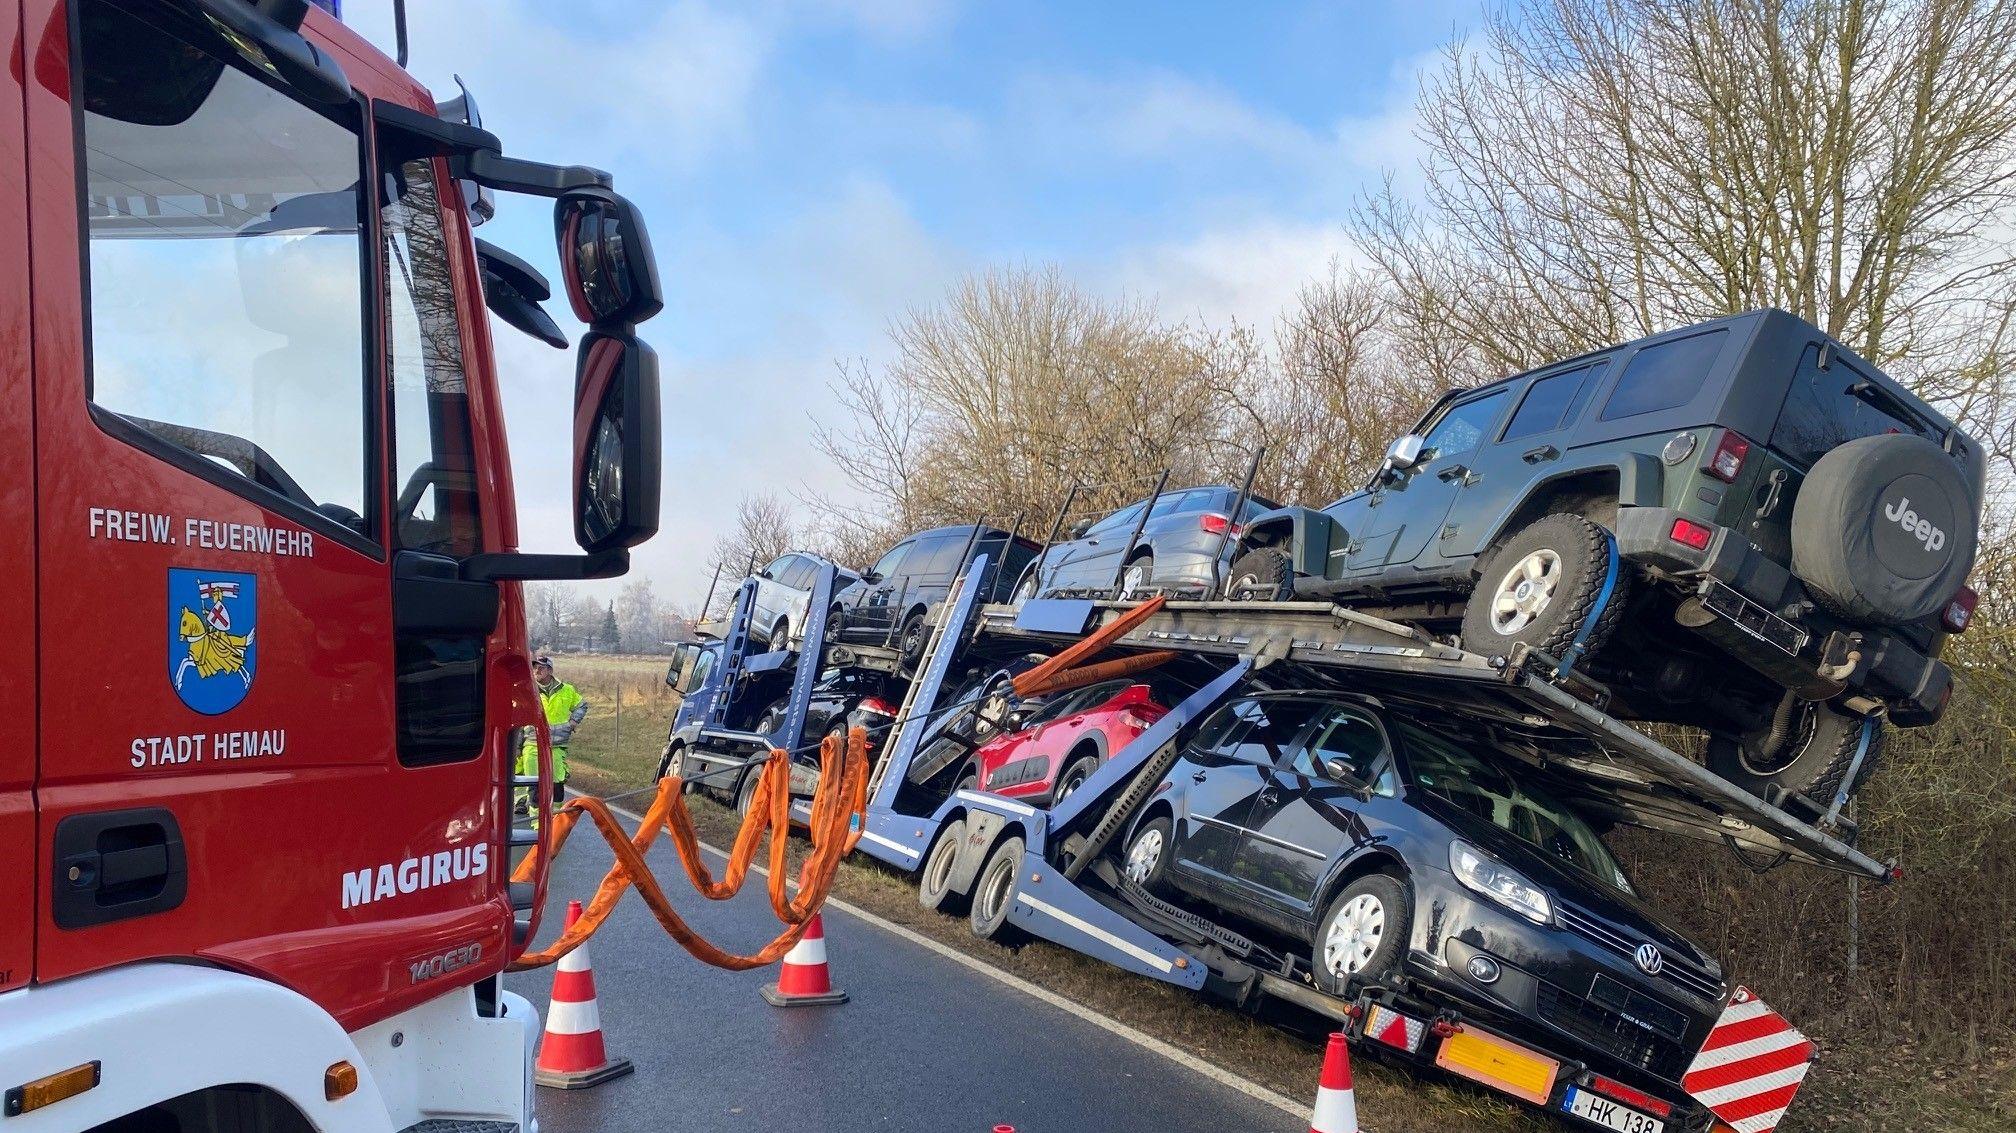 Feuerwehr sichert havarierten Autotransporter mit speziellen Spanngurten